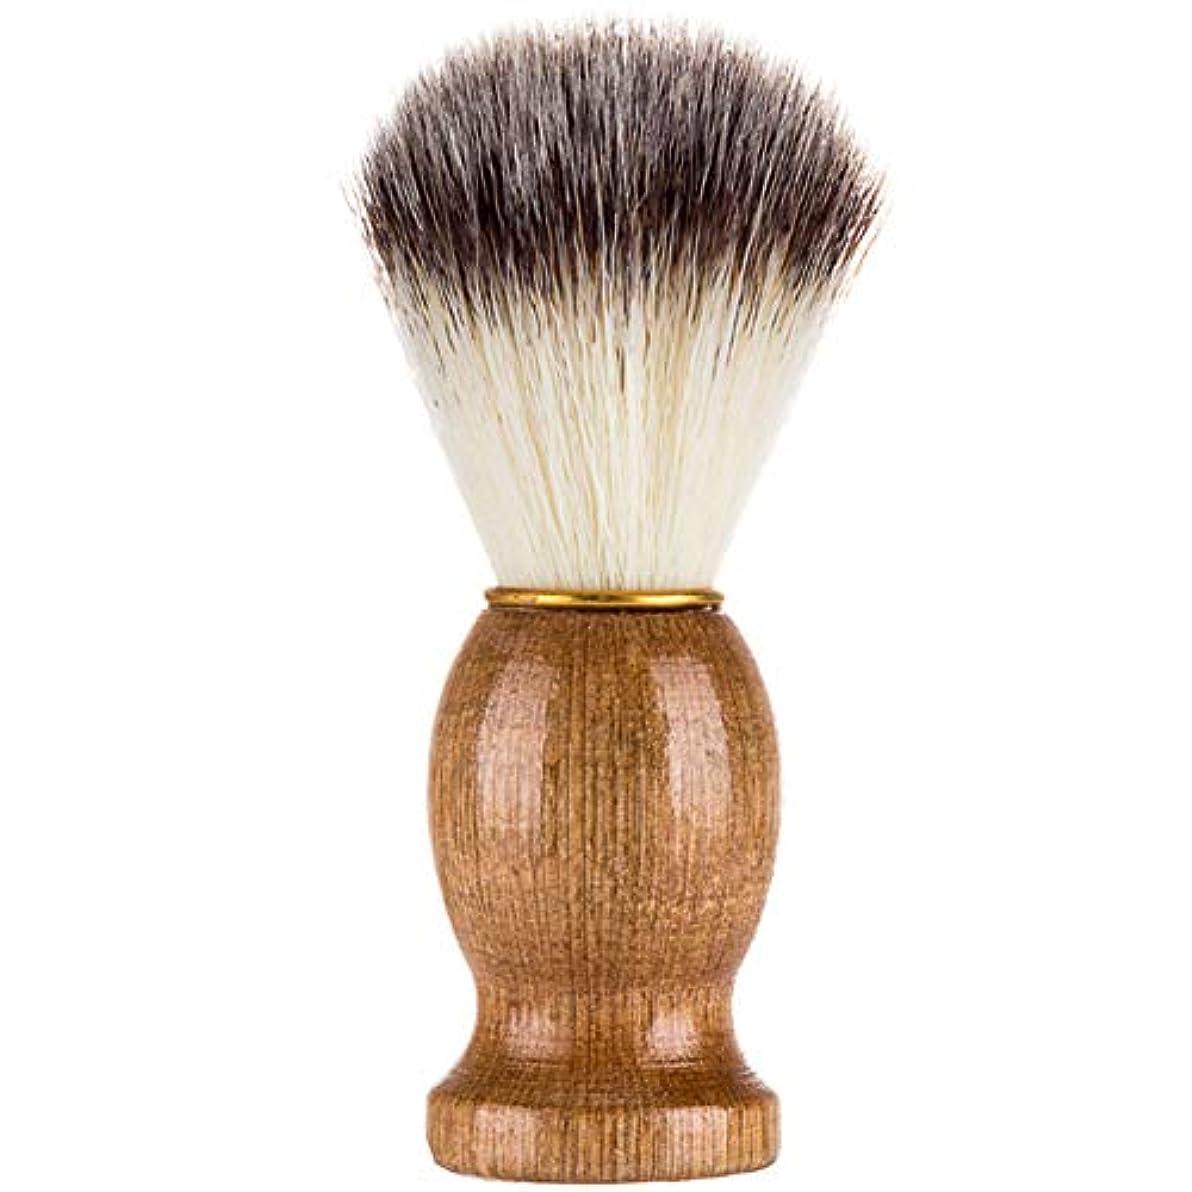 シエスタフリンジ手伝うProfeel シェービングブラシ、シェービングブラシ、男性シェービングブラシシェービングかみそりブラシサロン理髪店用ツールひげ剃り用品